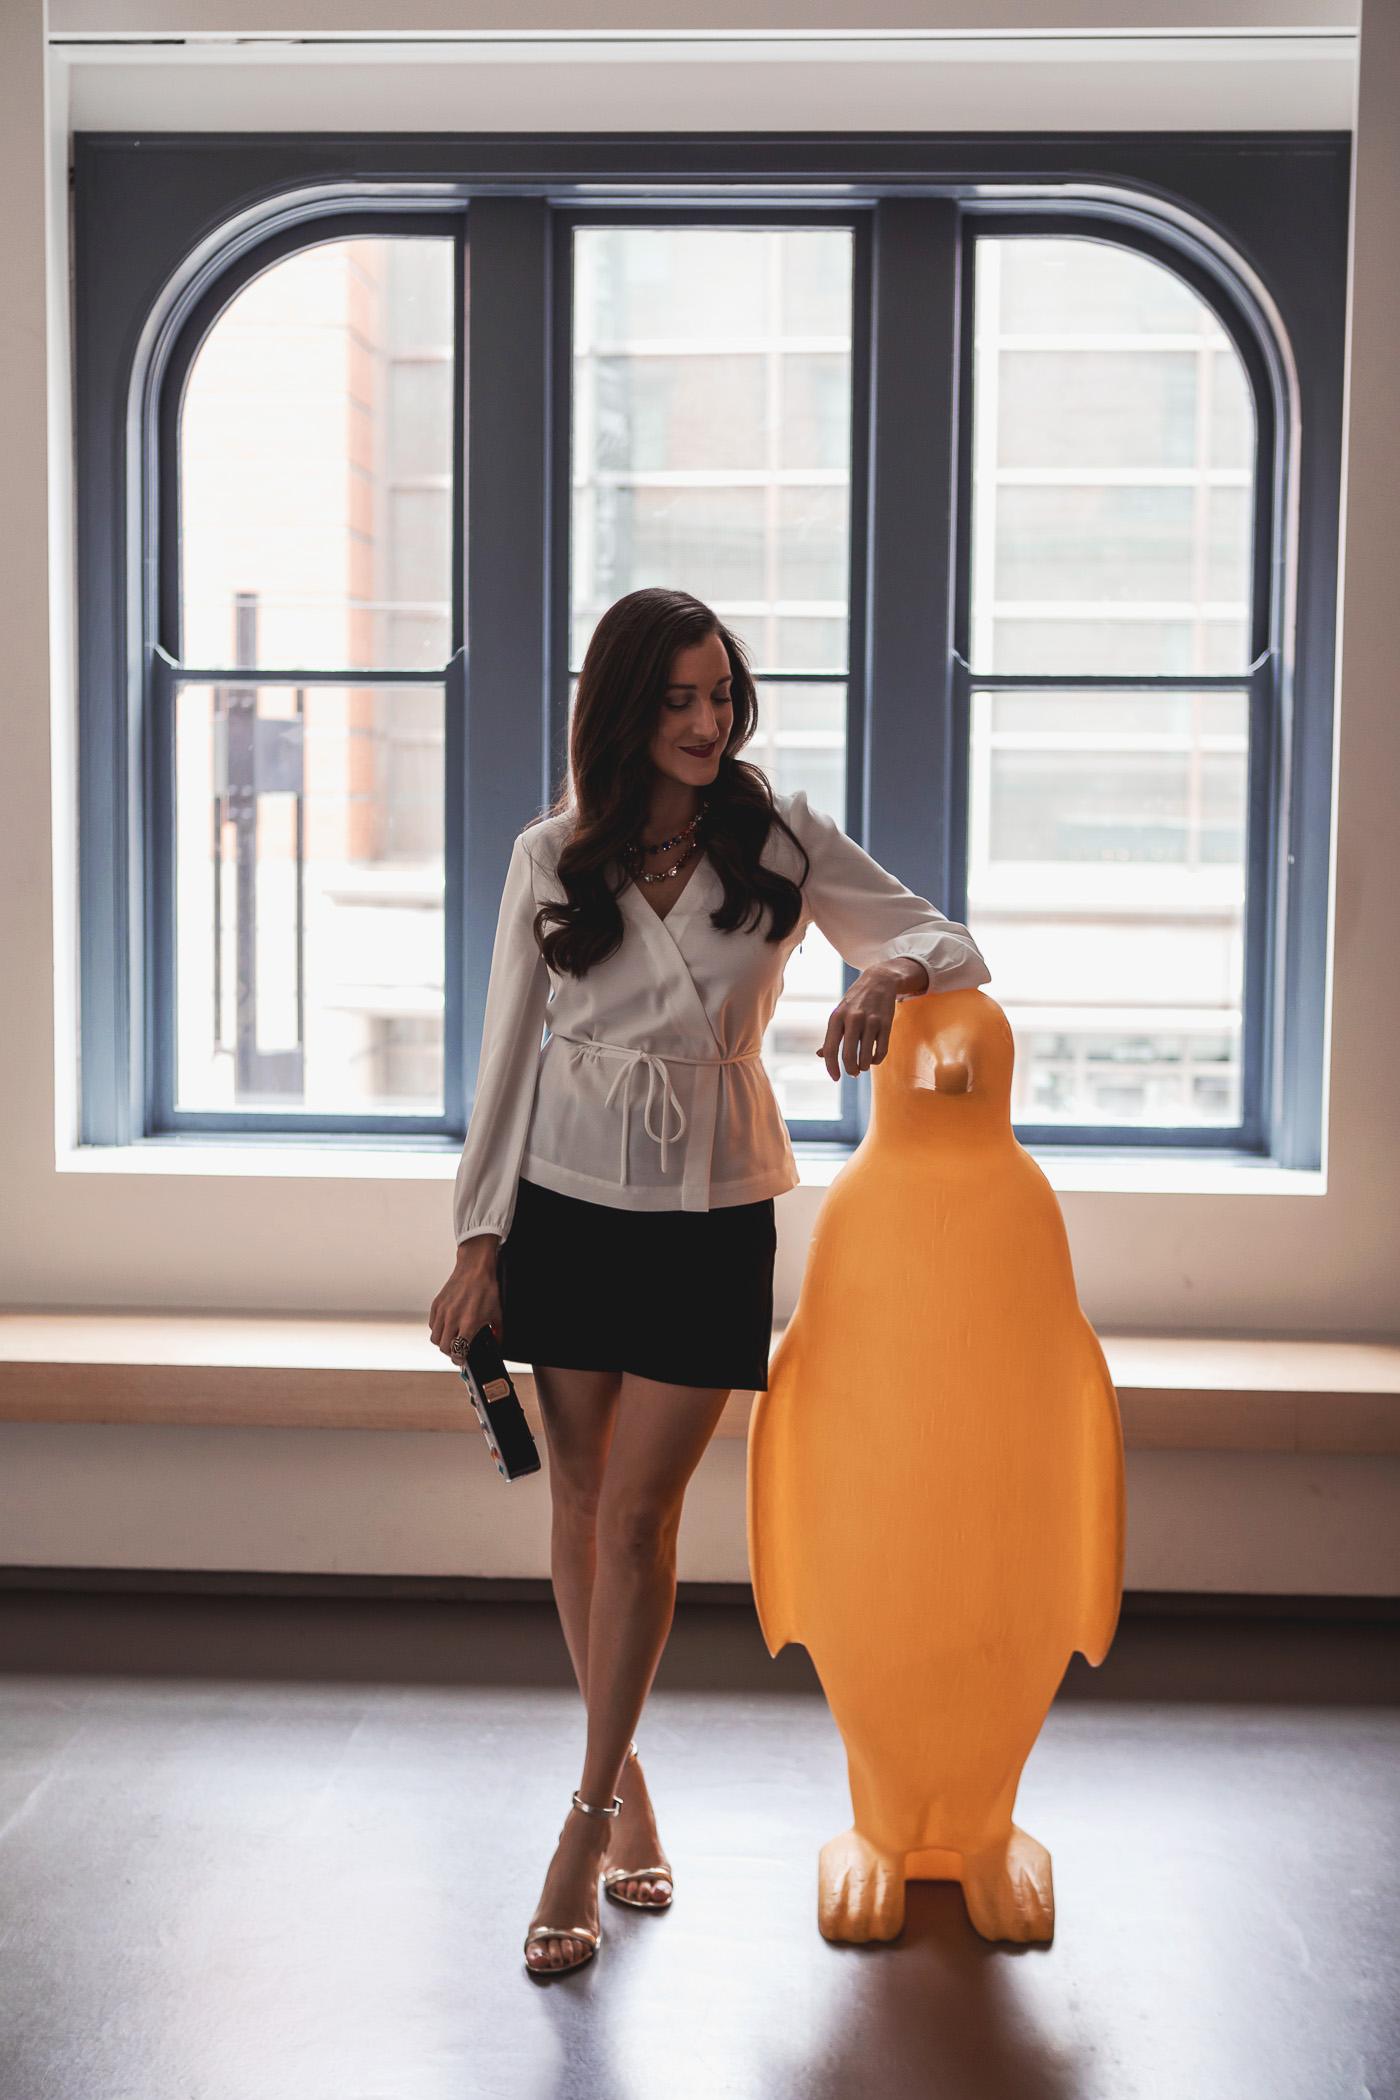 21c Hotel Penguin